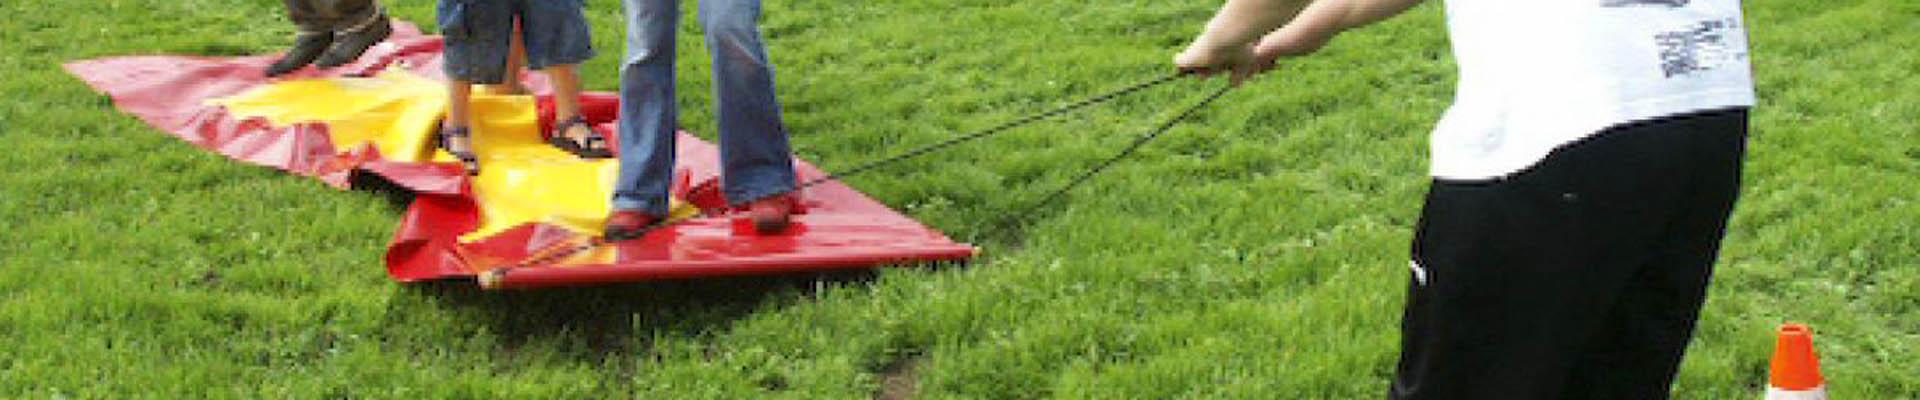 vliegend tapijt spel van een zeskamp bedrijfsuitje